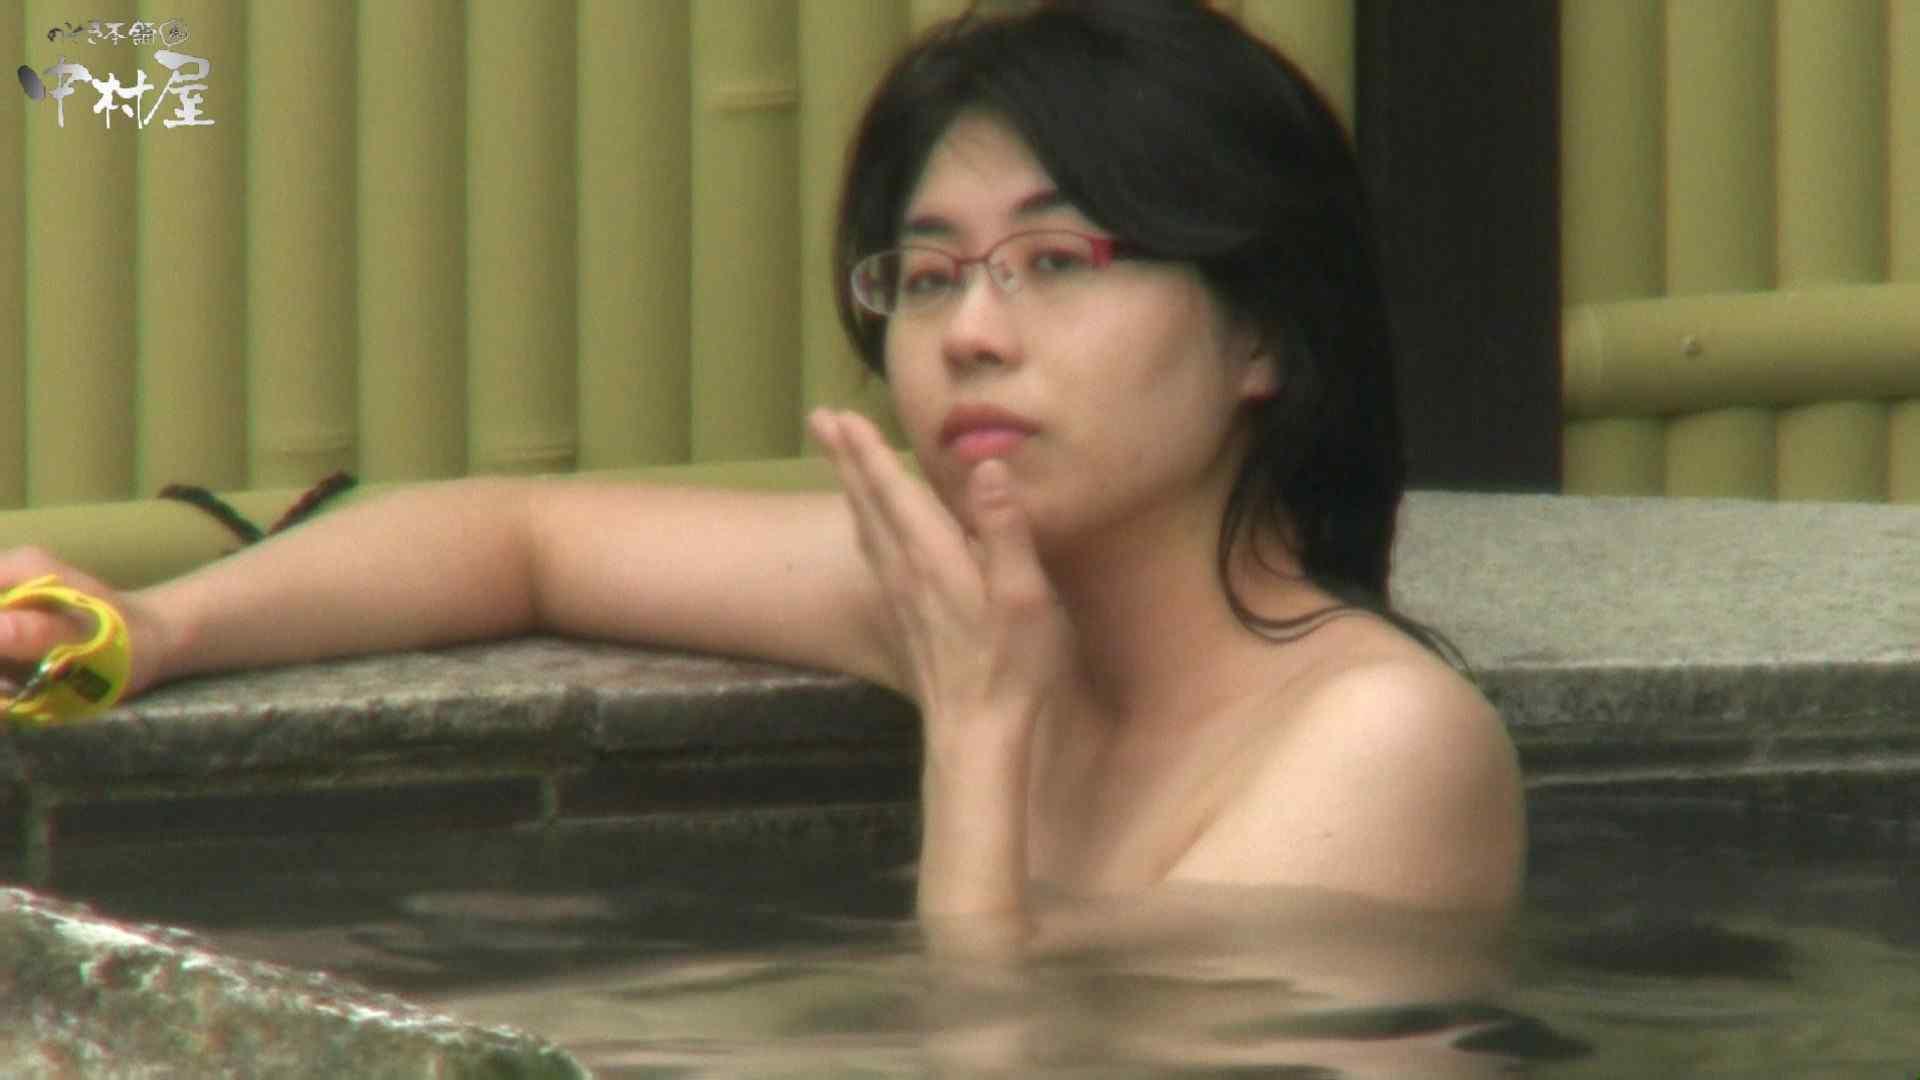 Aquaな露天風呂Vol.947 OLハメ撮り  61Pix 41